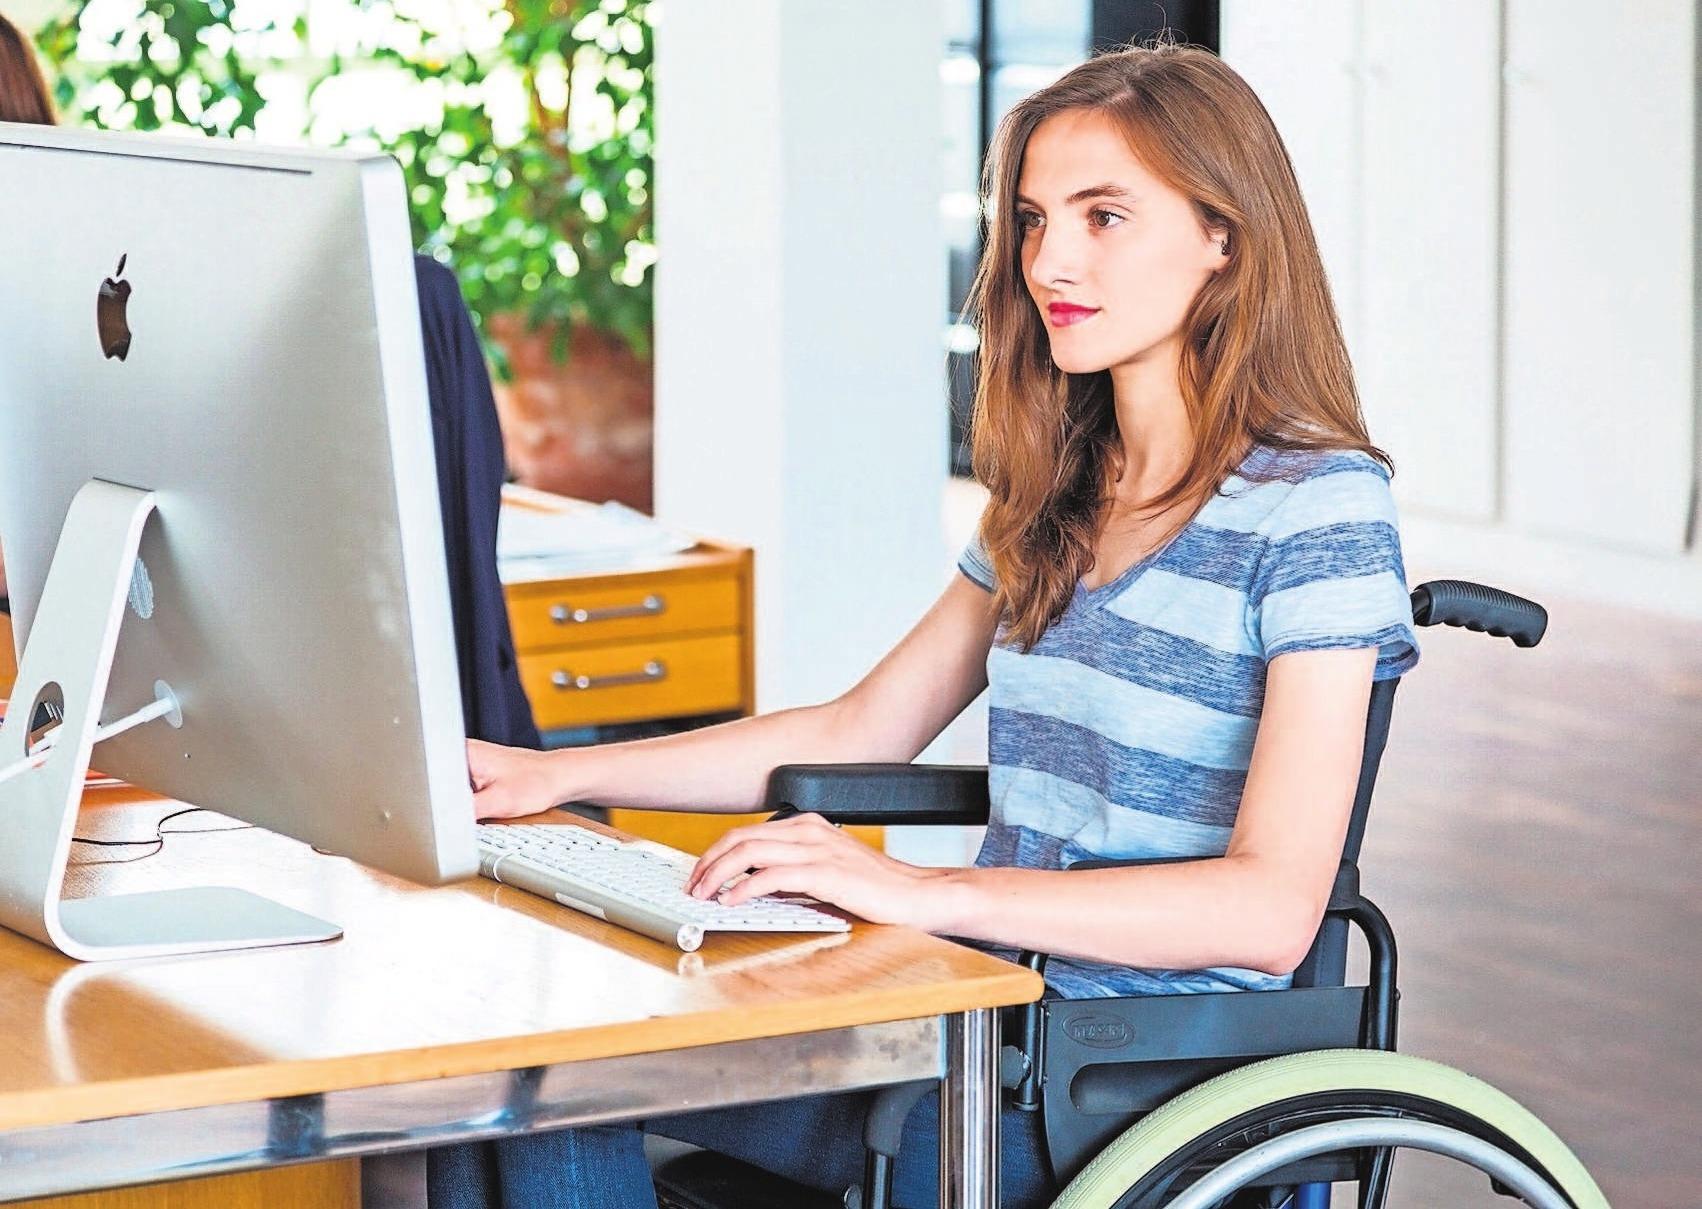 Gegenüber ihrem Ausbilder können Jugendliche offen kommunizieren, wie im Berufsalltag am besten mit ihrer Behinderung umgegangen werden kann. Foto: Philippe Voisin/Phanie/dpa-tmn